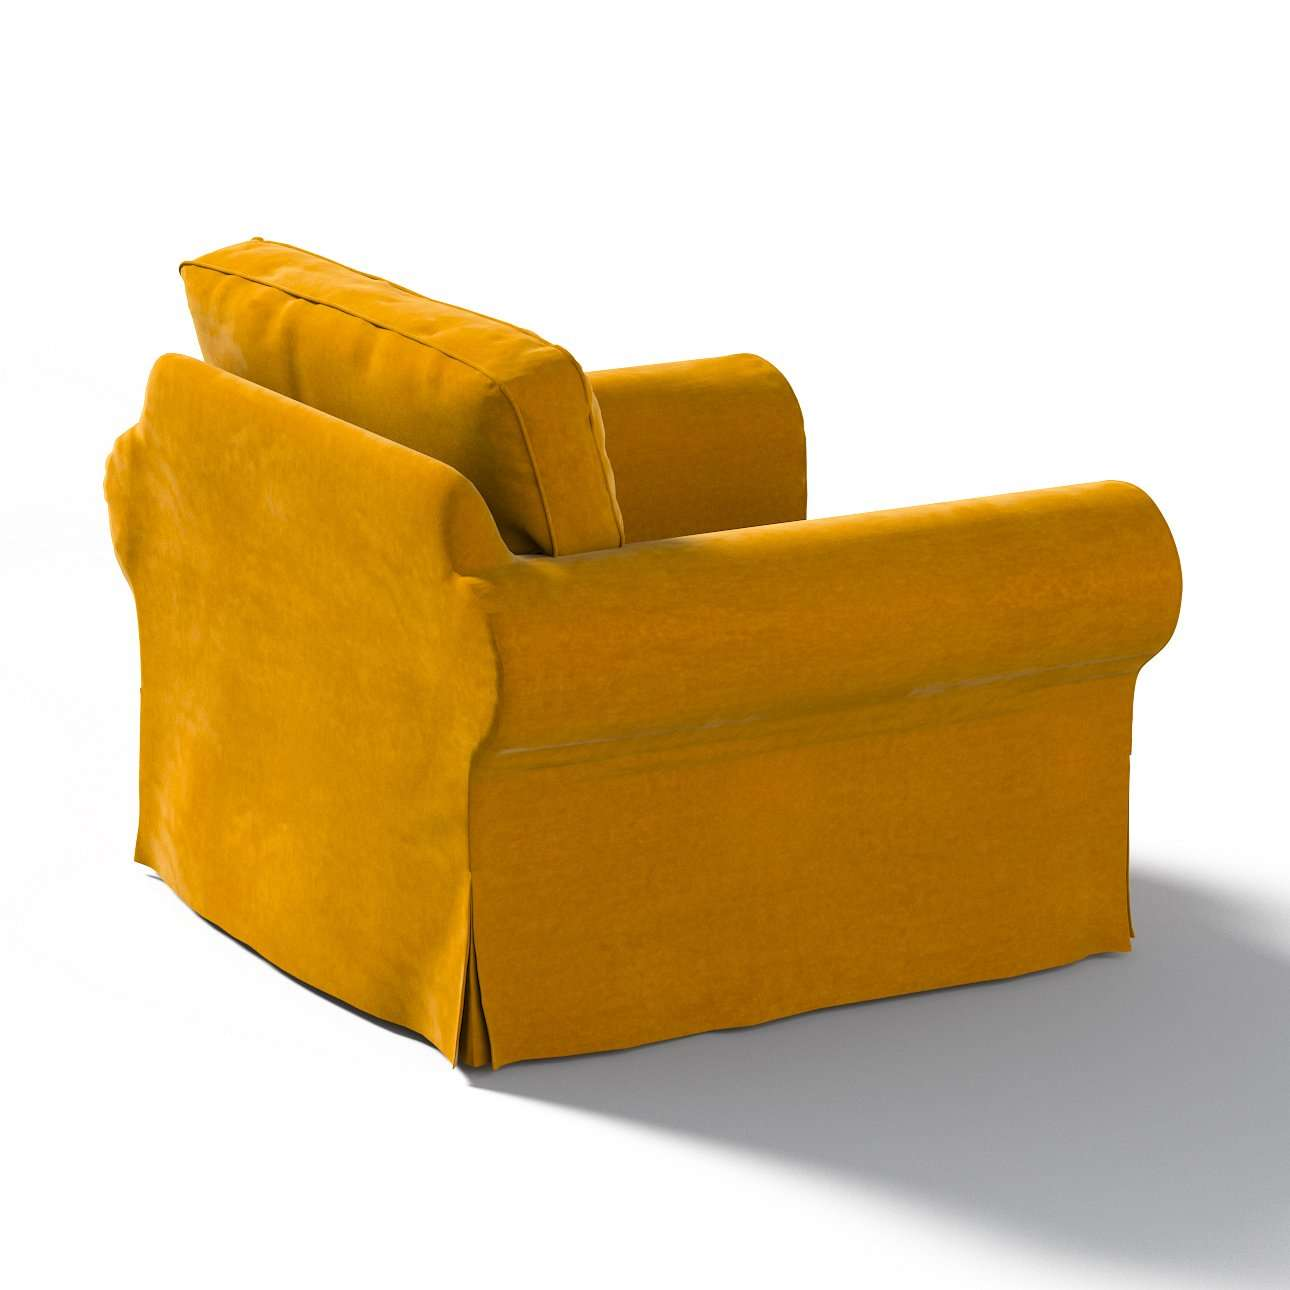 Bezug für Ektorp Sessel von der Kollektion Velvet, Stoff: 704-23